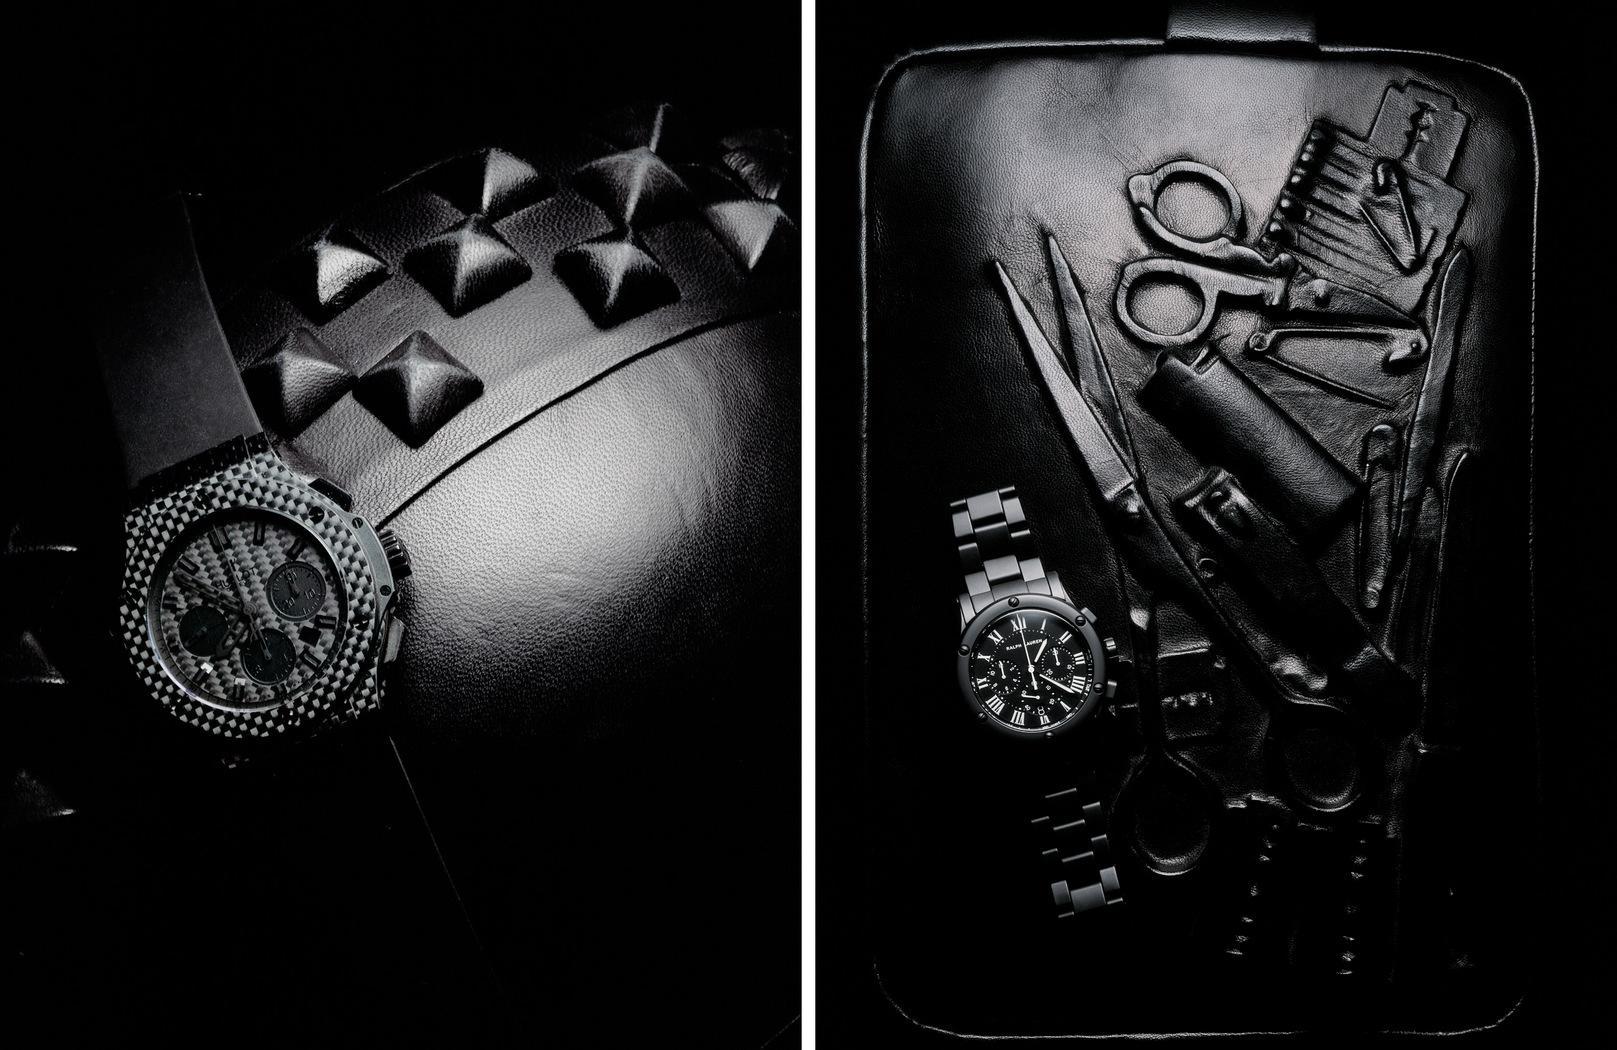 Apostrophe - Photographes - Mitchell Feinberg - Montres